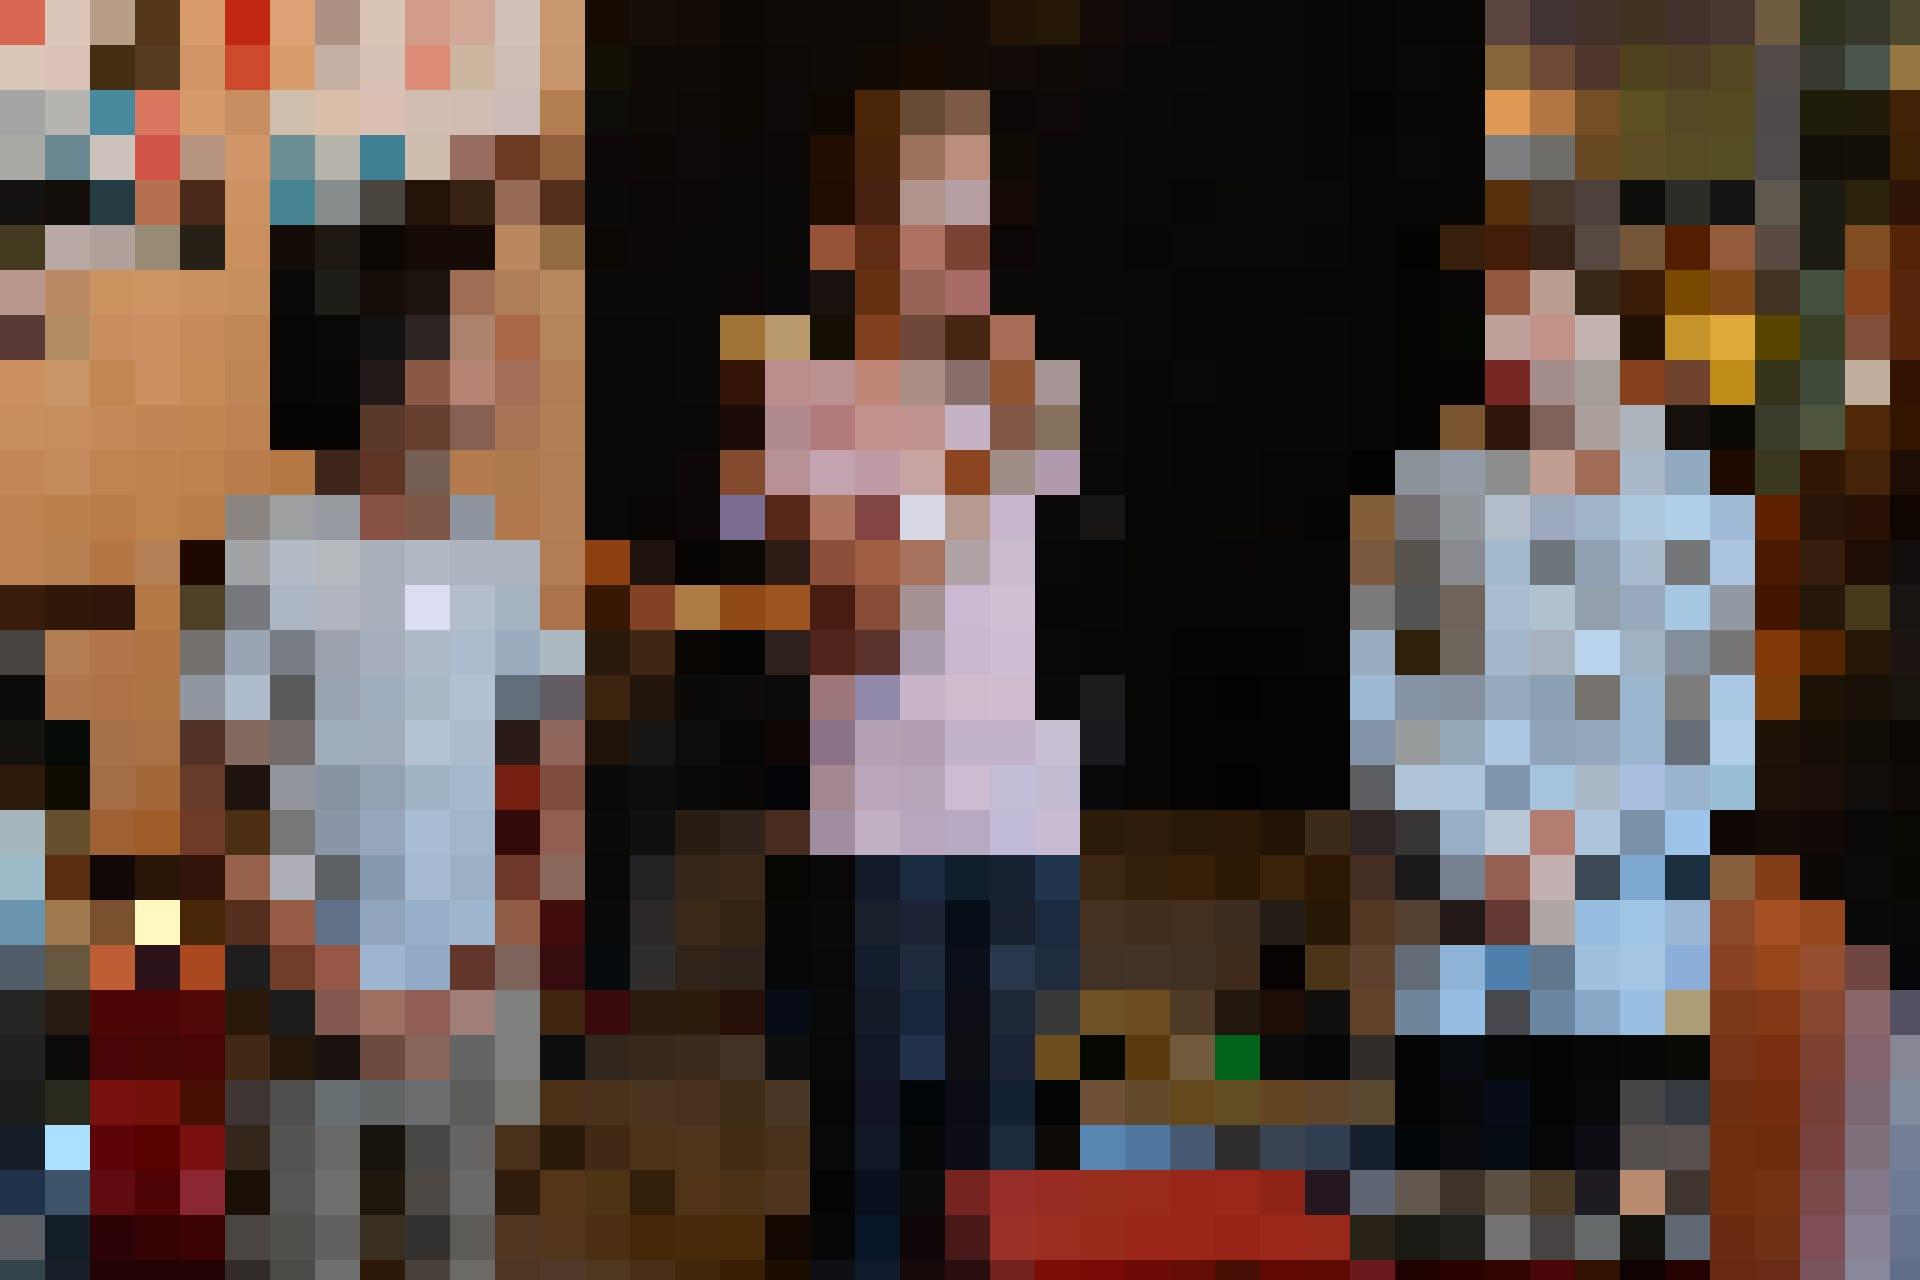 «Das hat doch schon gut getönt», lobt Hänni die Kinder, als sie seinen Song einstudieren.